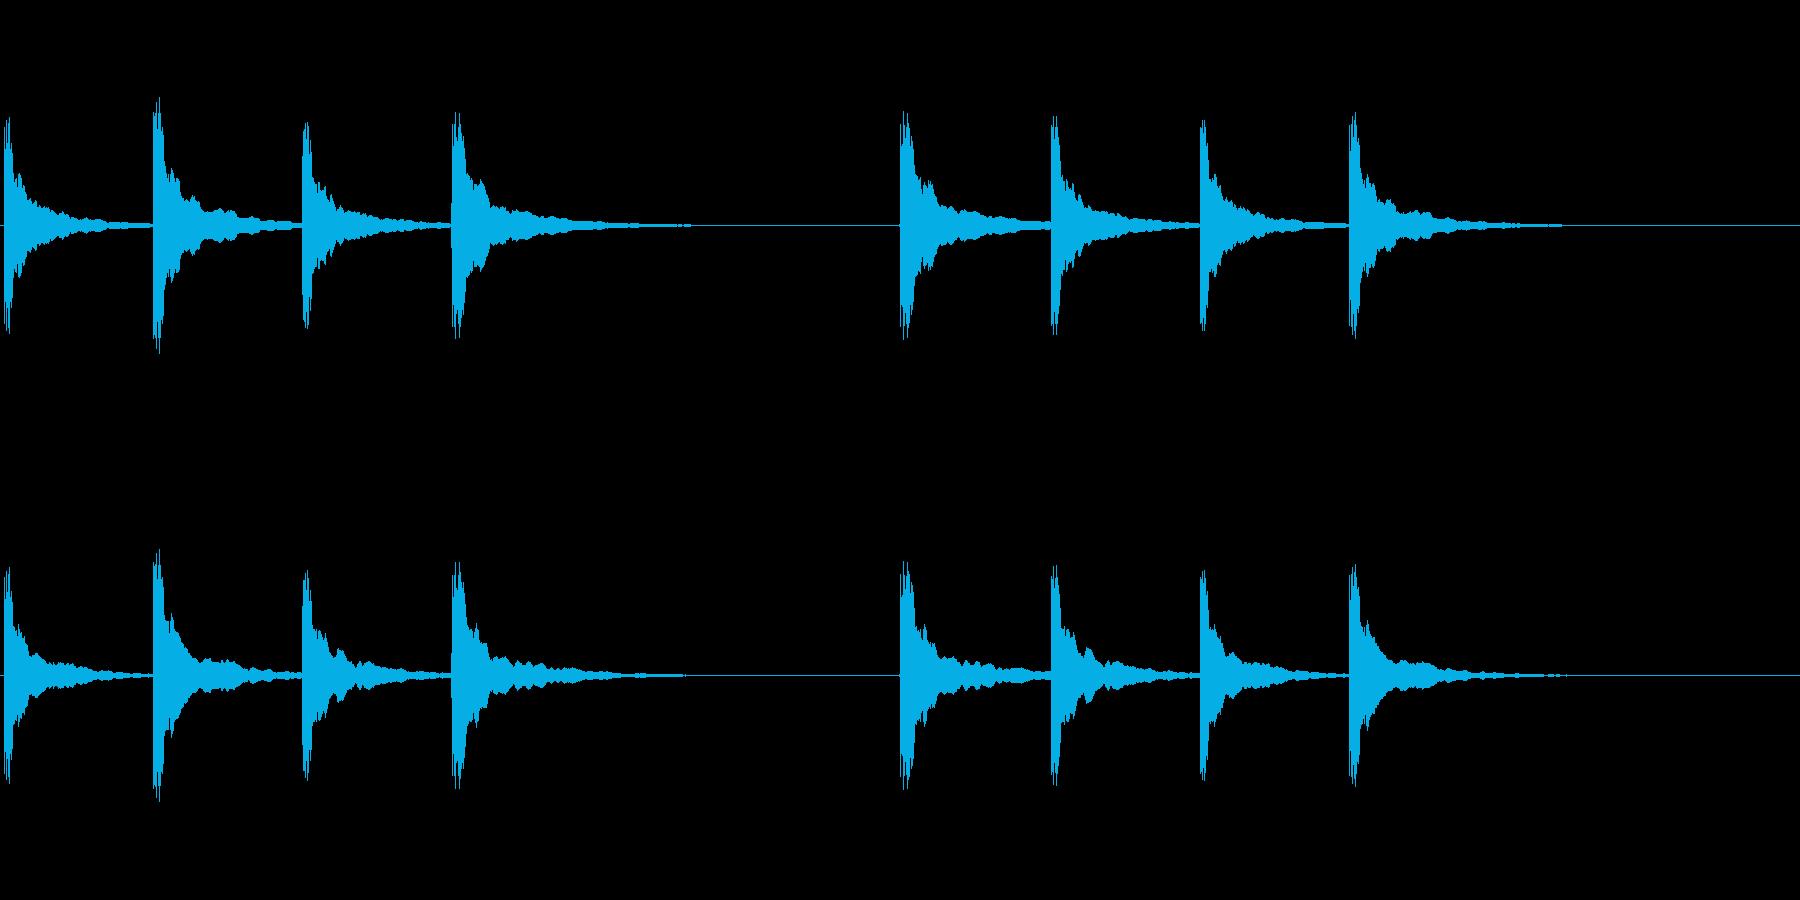 ピンポンパンポン (3)の再生済みの波形